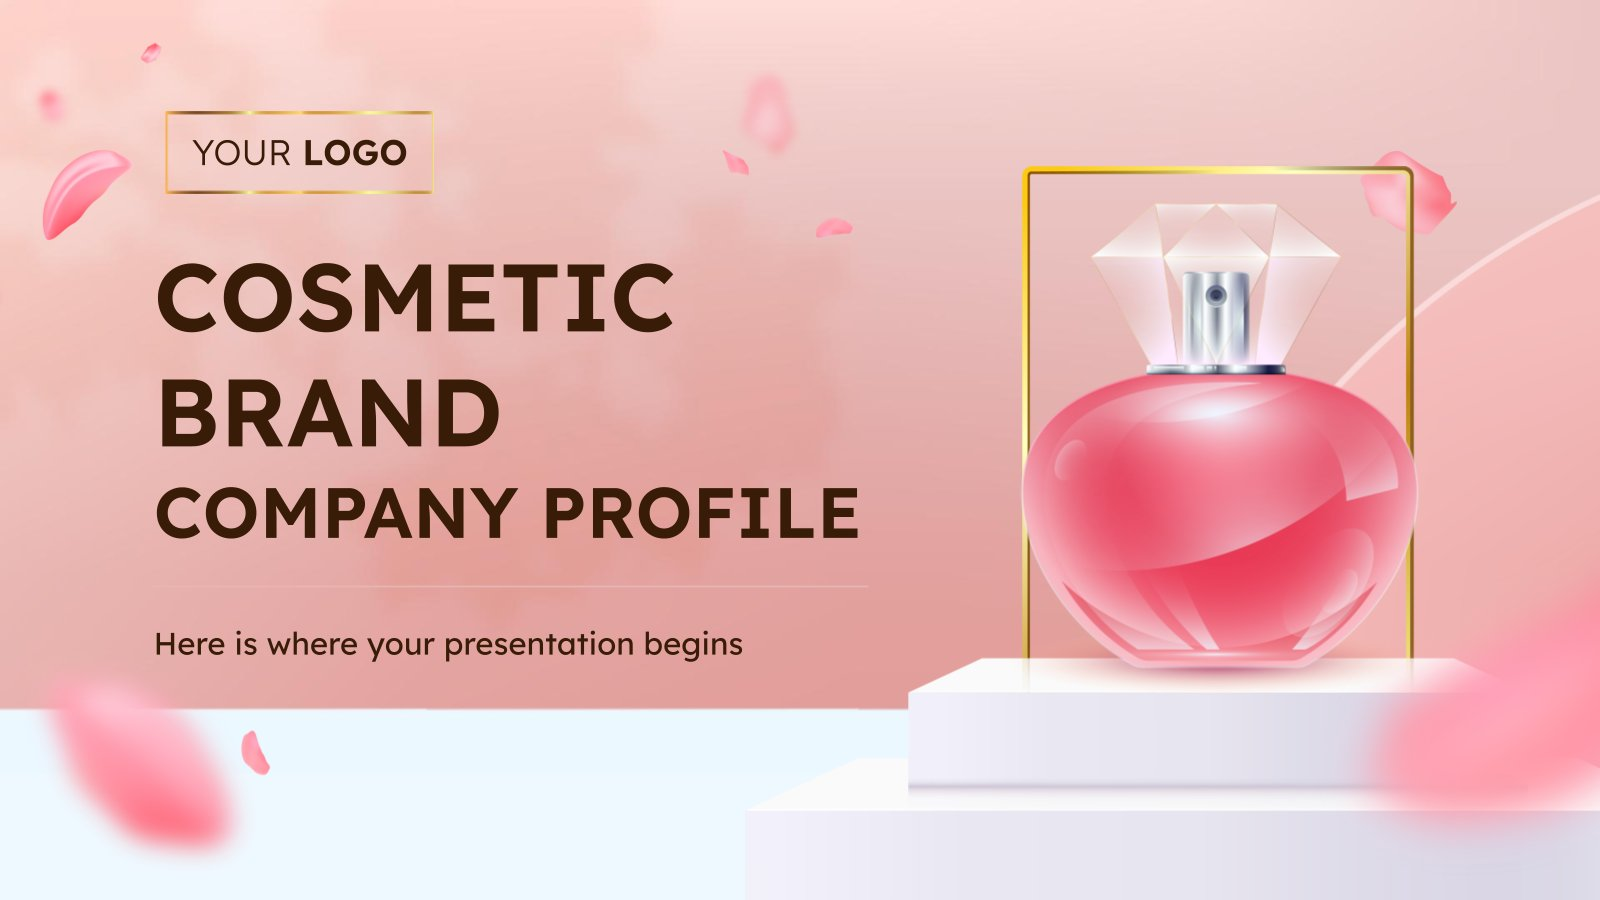 Profil d'entreprise d'une marque de cosmétiques : Modèles de présentation